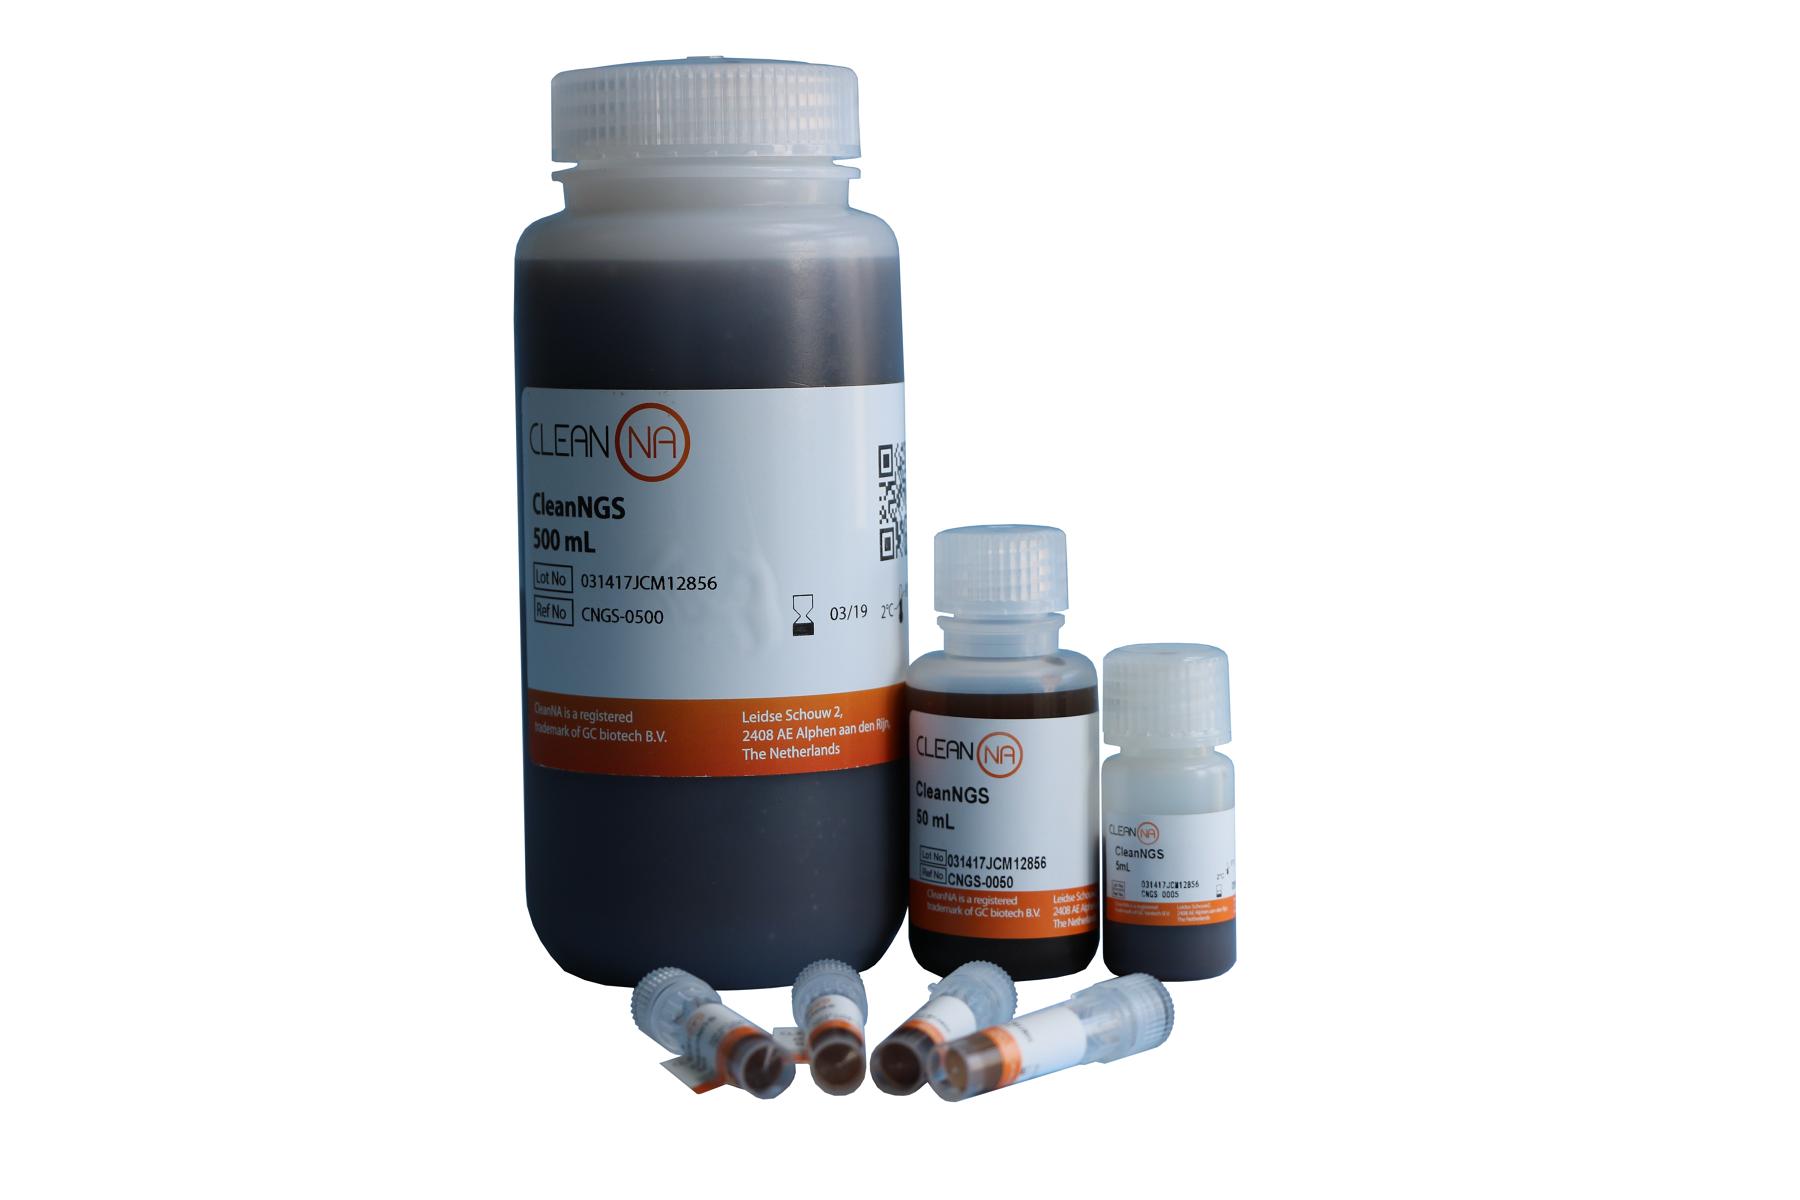 CleanNGS-高通量PCR产物纯化及片段筛选专用磁性微球